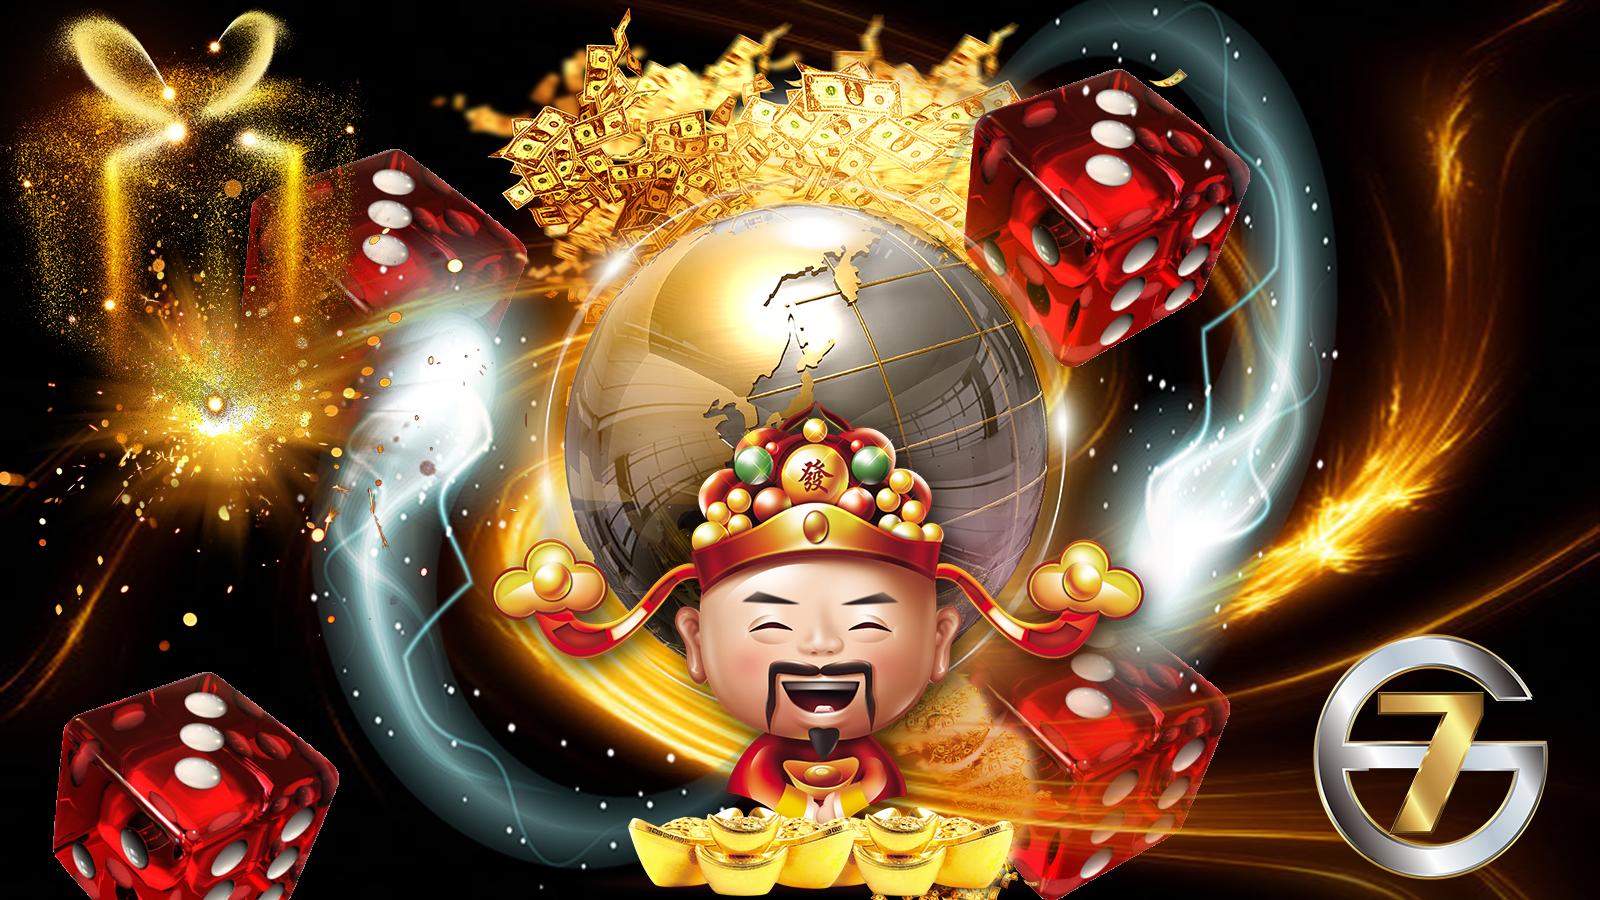 G7win Online Casino Malaysia SCR888 have provide 1000